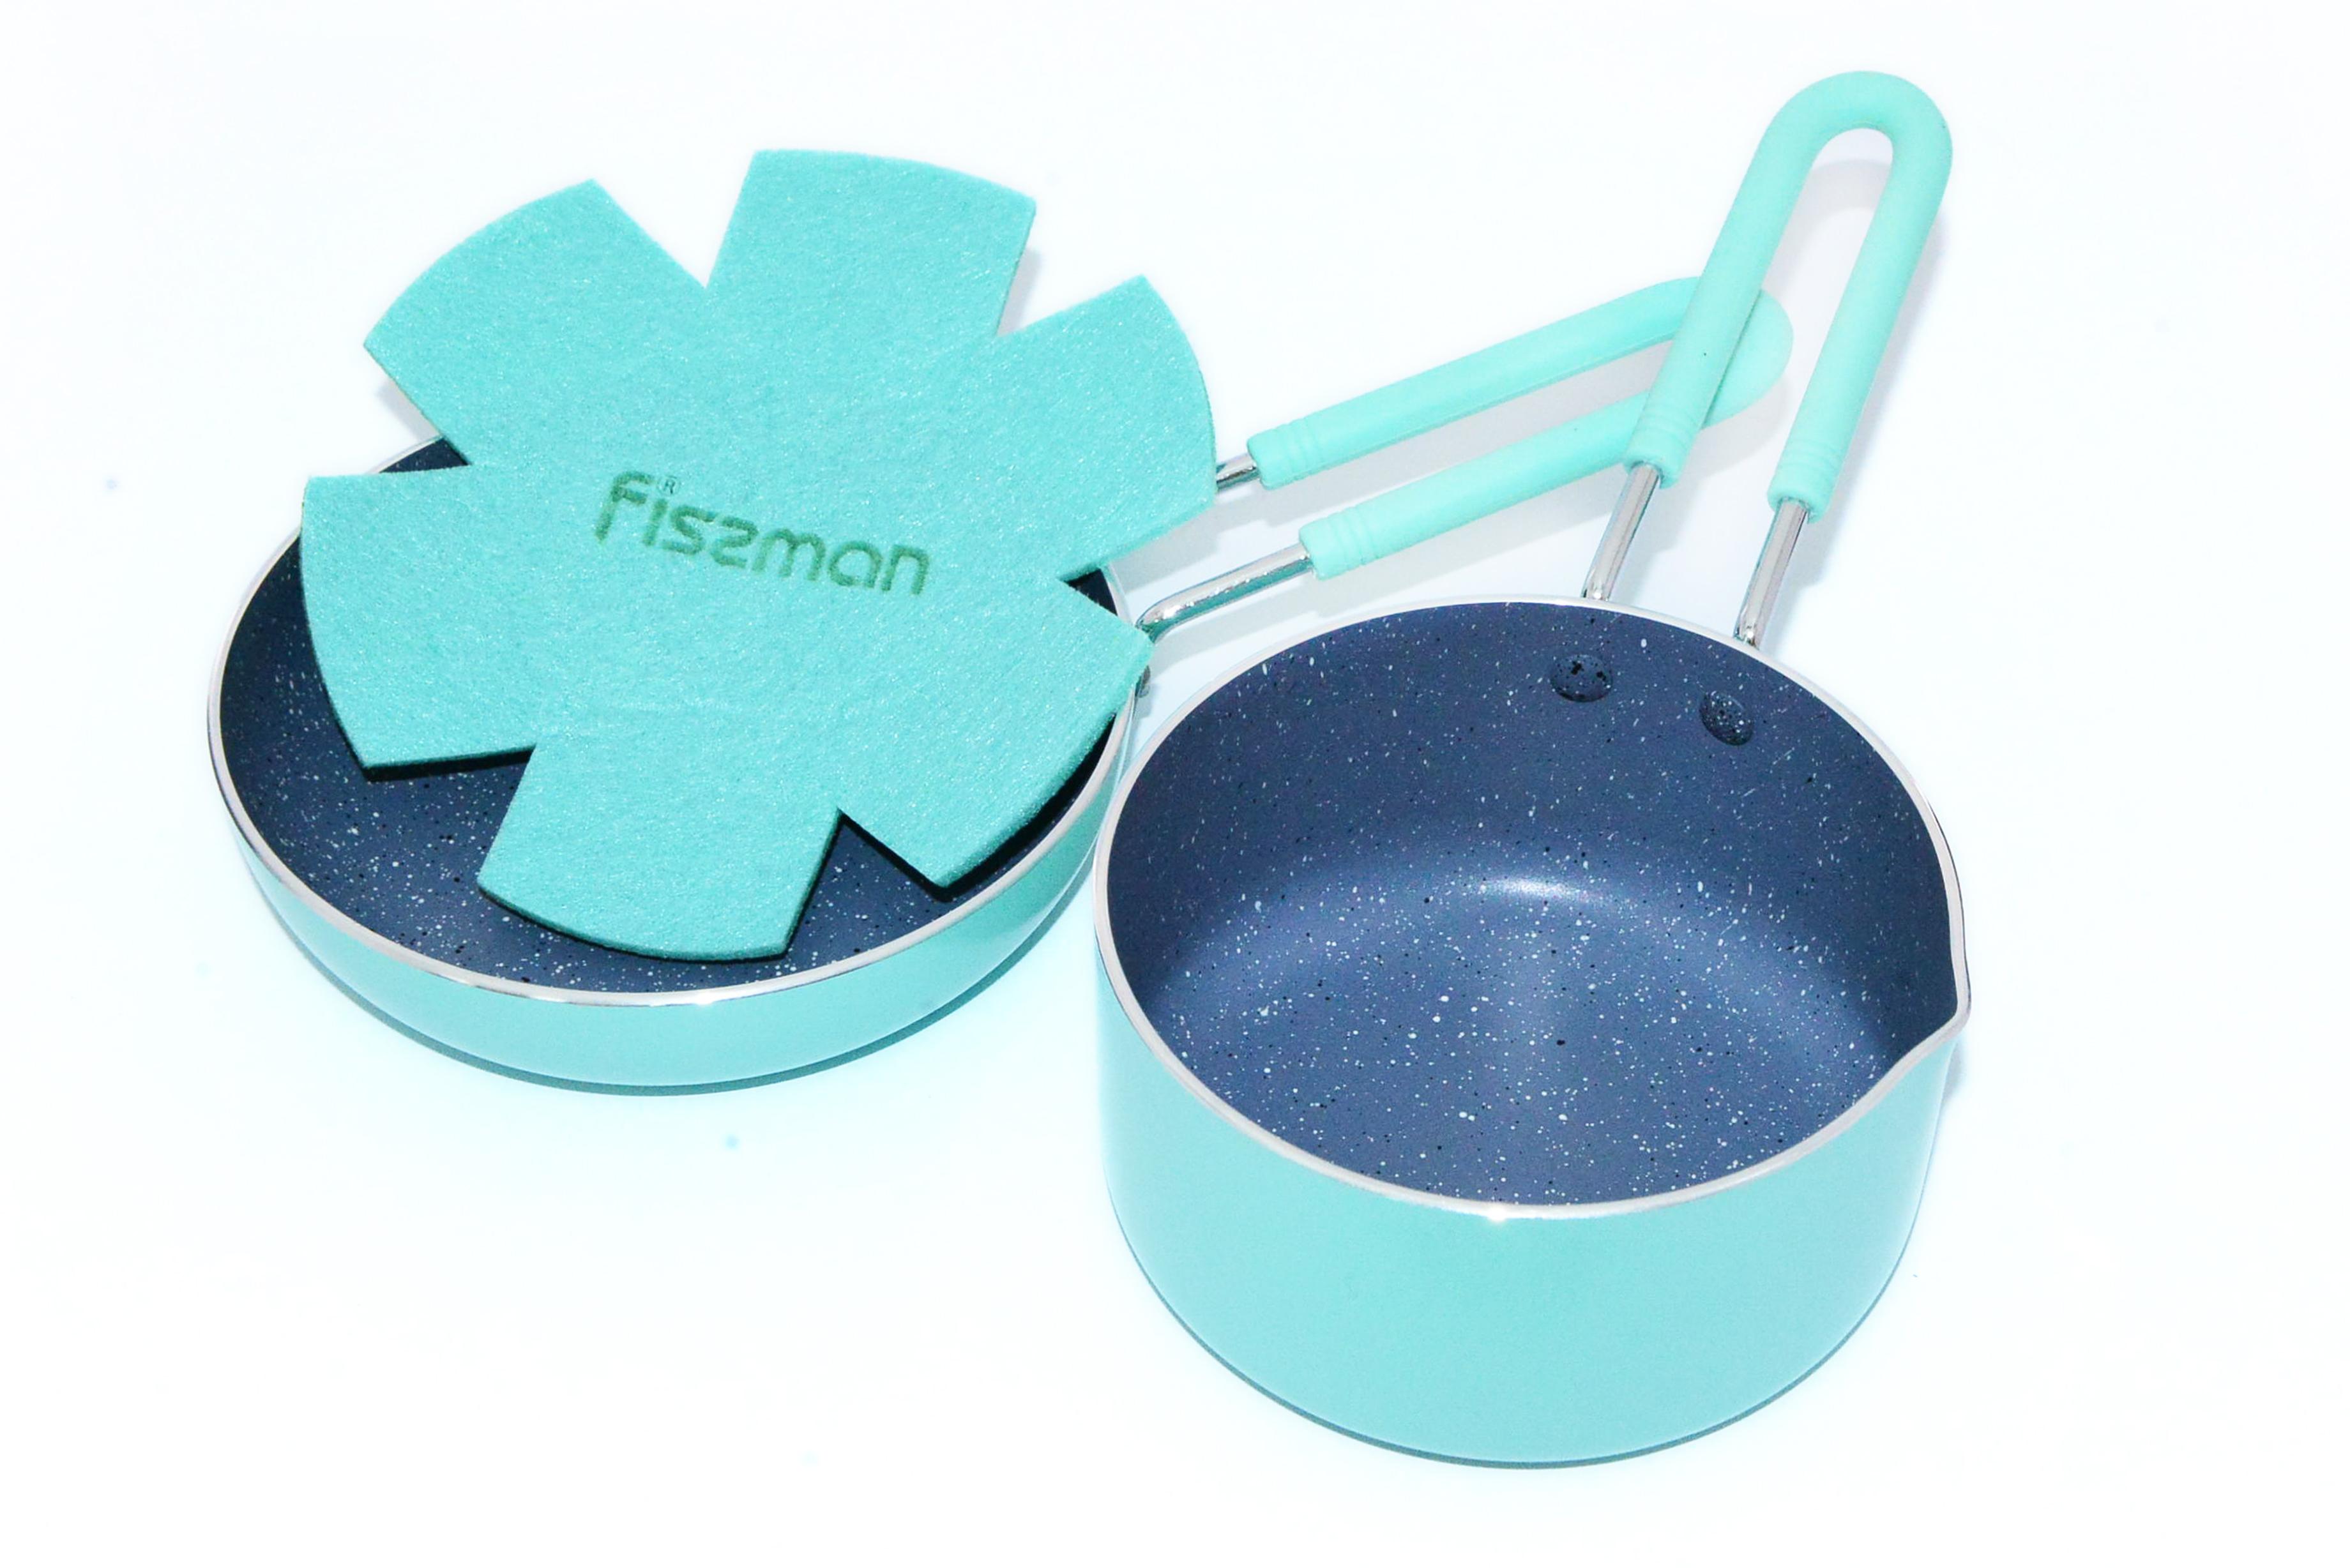 Набор посуды Fissman Petite, с антипригарным покрытием, цвет: бирюзовый, 2 предметаAL-4866.1214Набор посуды Fissman Petite изготовлен из литого алюминия с экологически безопасным каменным покрытием. В такой кастрюле можно готовить пищу без добавления масла или с минимальным его количеством, что не мало важно для детского меню. Покрытие не содержит в своем составе PFOA и других вредных веществ. Первый слой покрытия улучшает сцепление покрытия с металлом, второй слой - грунтовый, третий слой - высокопрочное антипригарное покрытие, усиленное натуральной каменной крошкой на основе минеральных компонентов, четвертый дополнительный антипригарный слой с керамическими частицами.Набор имеет удобные металические ручки, покрытые силиконом, которые не нагреваются и не скользят в руках. Пользуясь посудой Petite вы ощутите непревзойденное качество и стильный дизайн. Набор включает в себя:Ковш, размер: 12 х 6 см, объем: 0,67 л; Сковорода, диаметр: 14 см, высота стенок: 3,5 см.